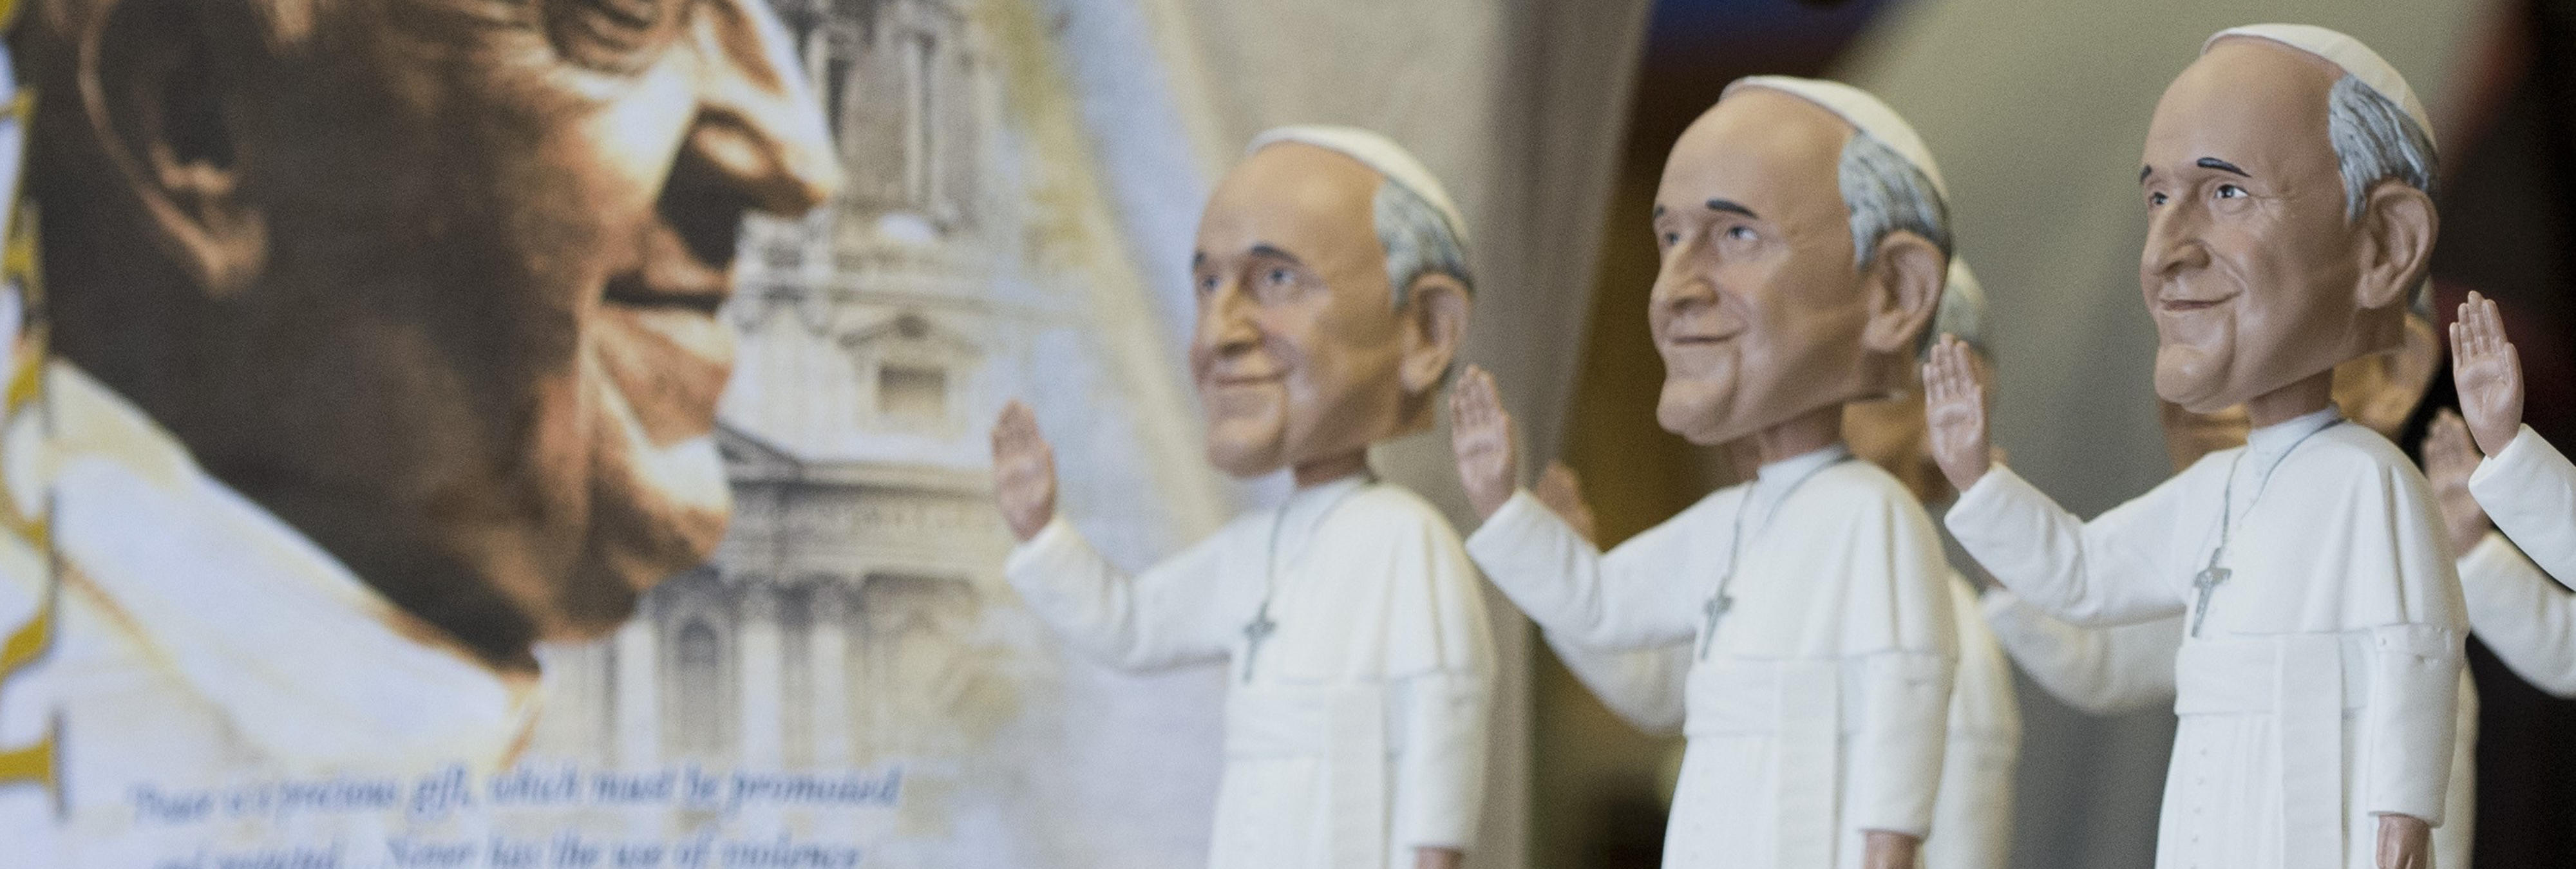 Las monjas van como groupies a ver al Papa Francisco en EEUU